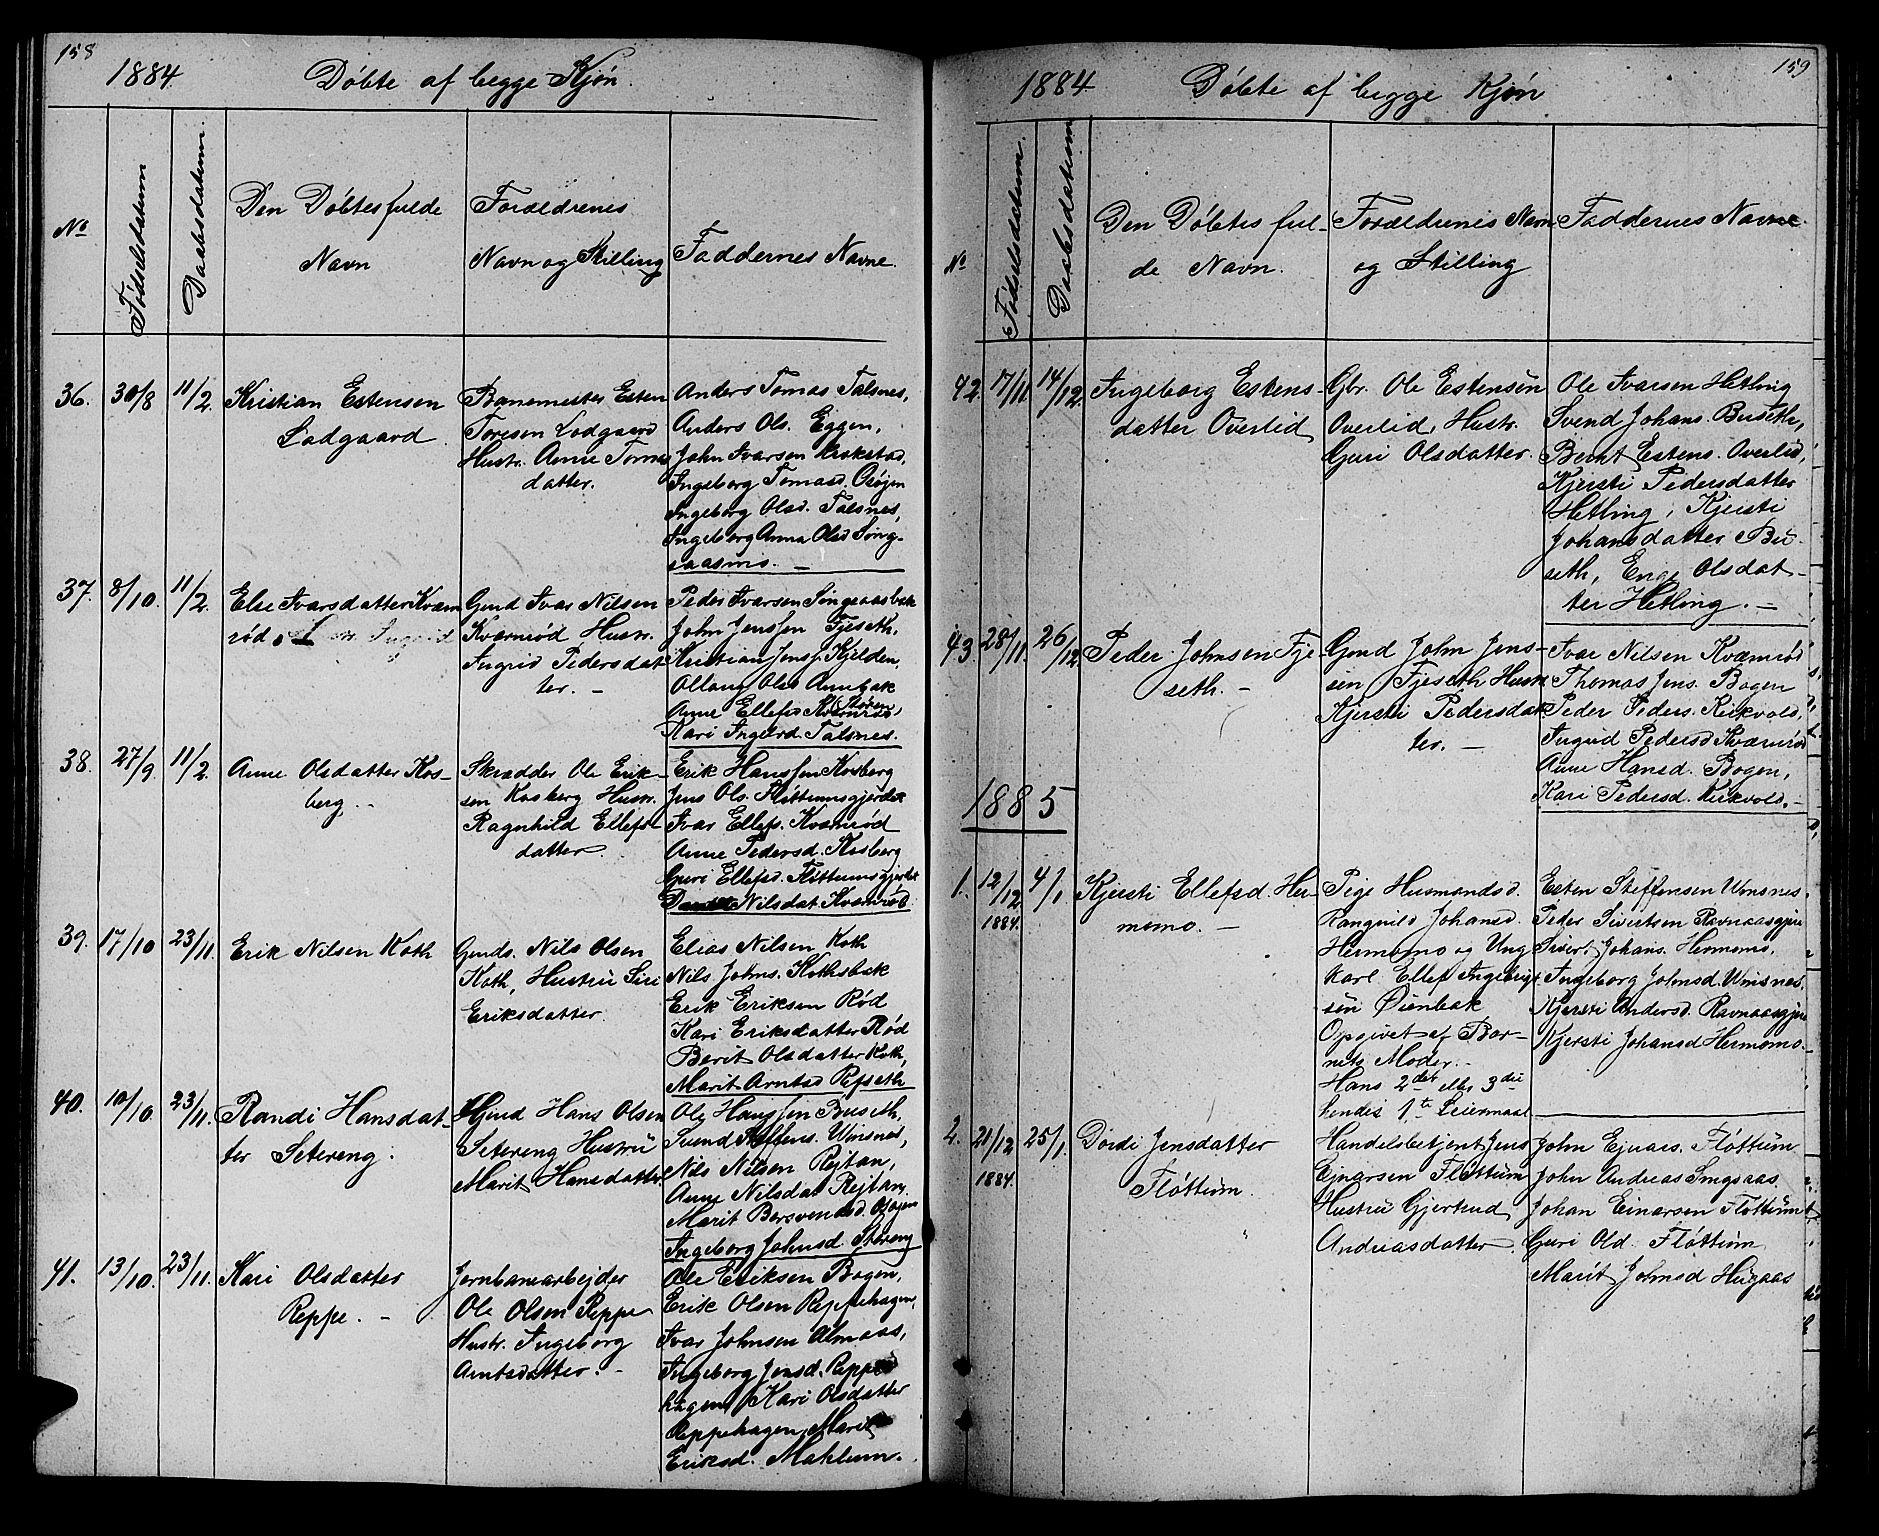 SAT, Ministerialprotokoller, klokkerbøker og fødselsregistre - Sør-Trøndelag, 688/L1027: Klokkerbok nr. 688C02, 1861-1889, s. 158-159